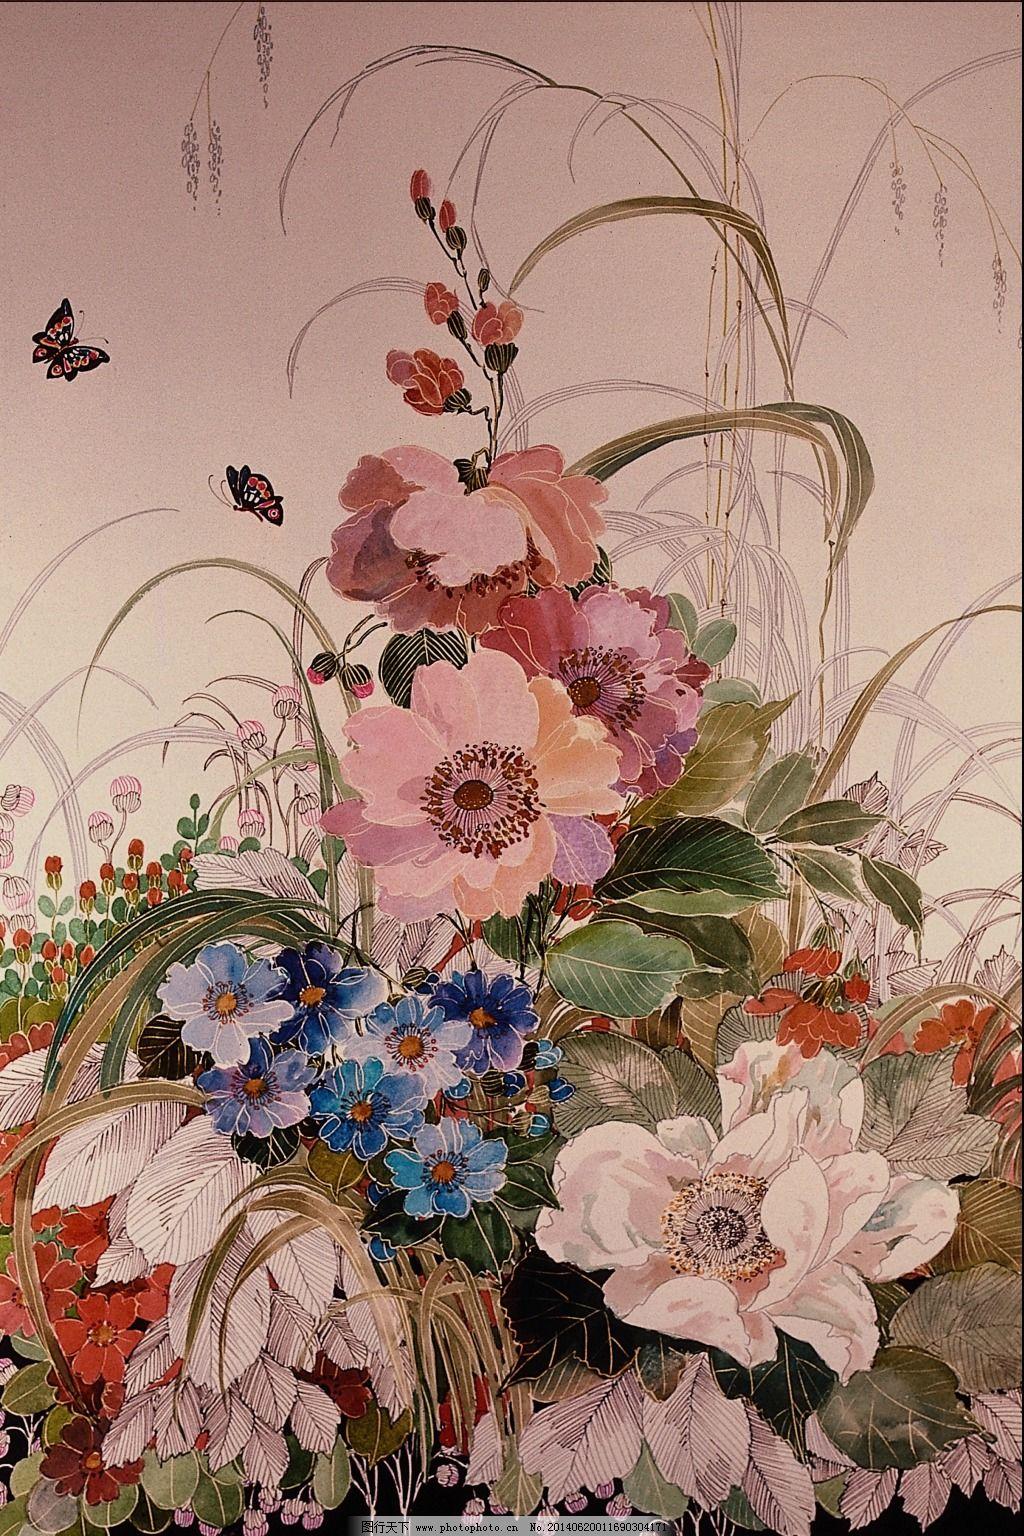 中国风蝶恋花手绘图免费下载 花卉 手绘 中国风 中国风 手绘 花卉